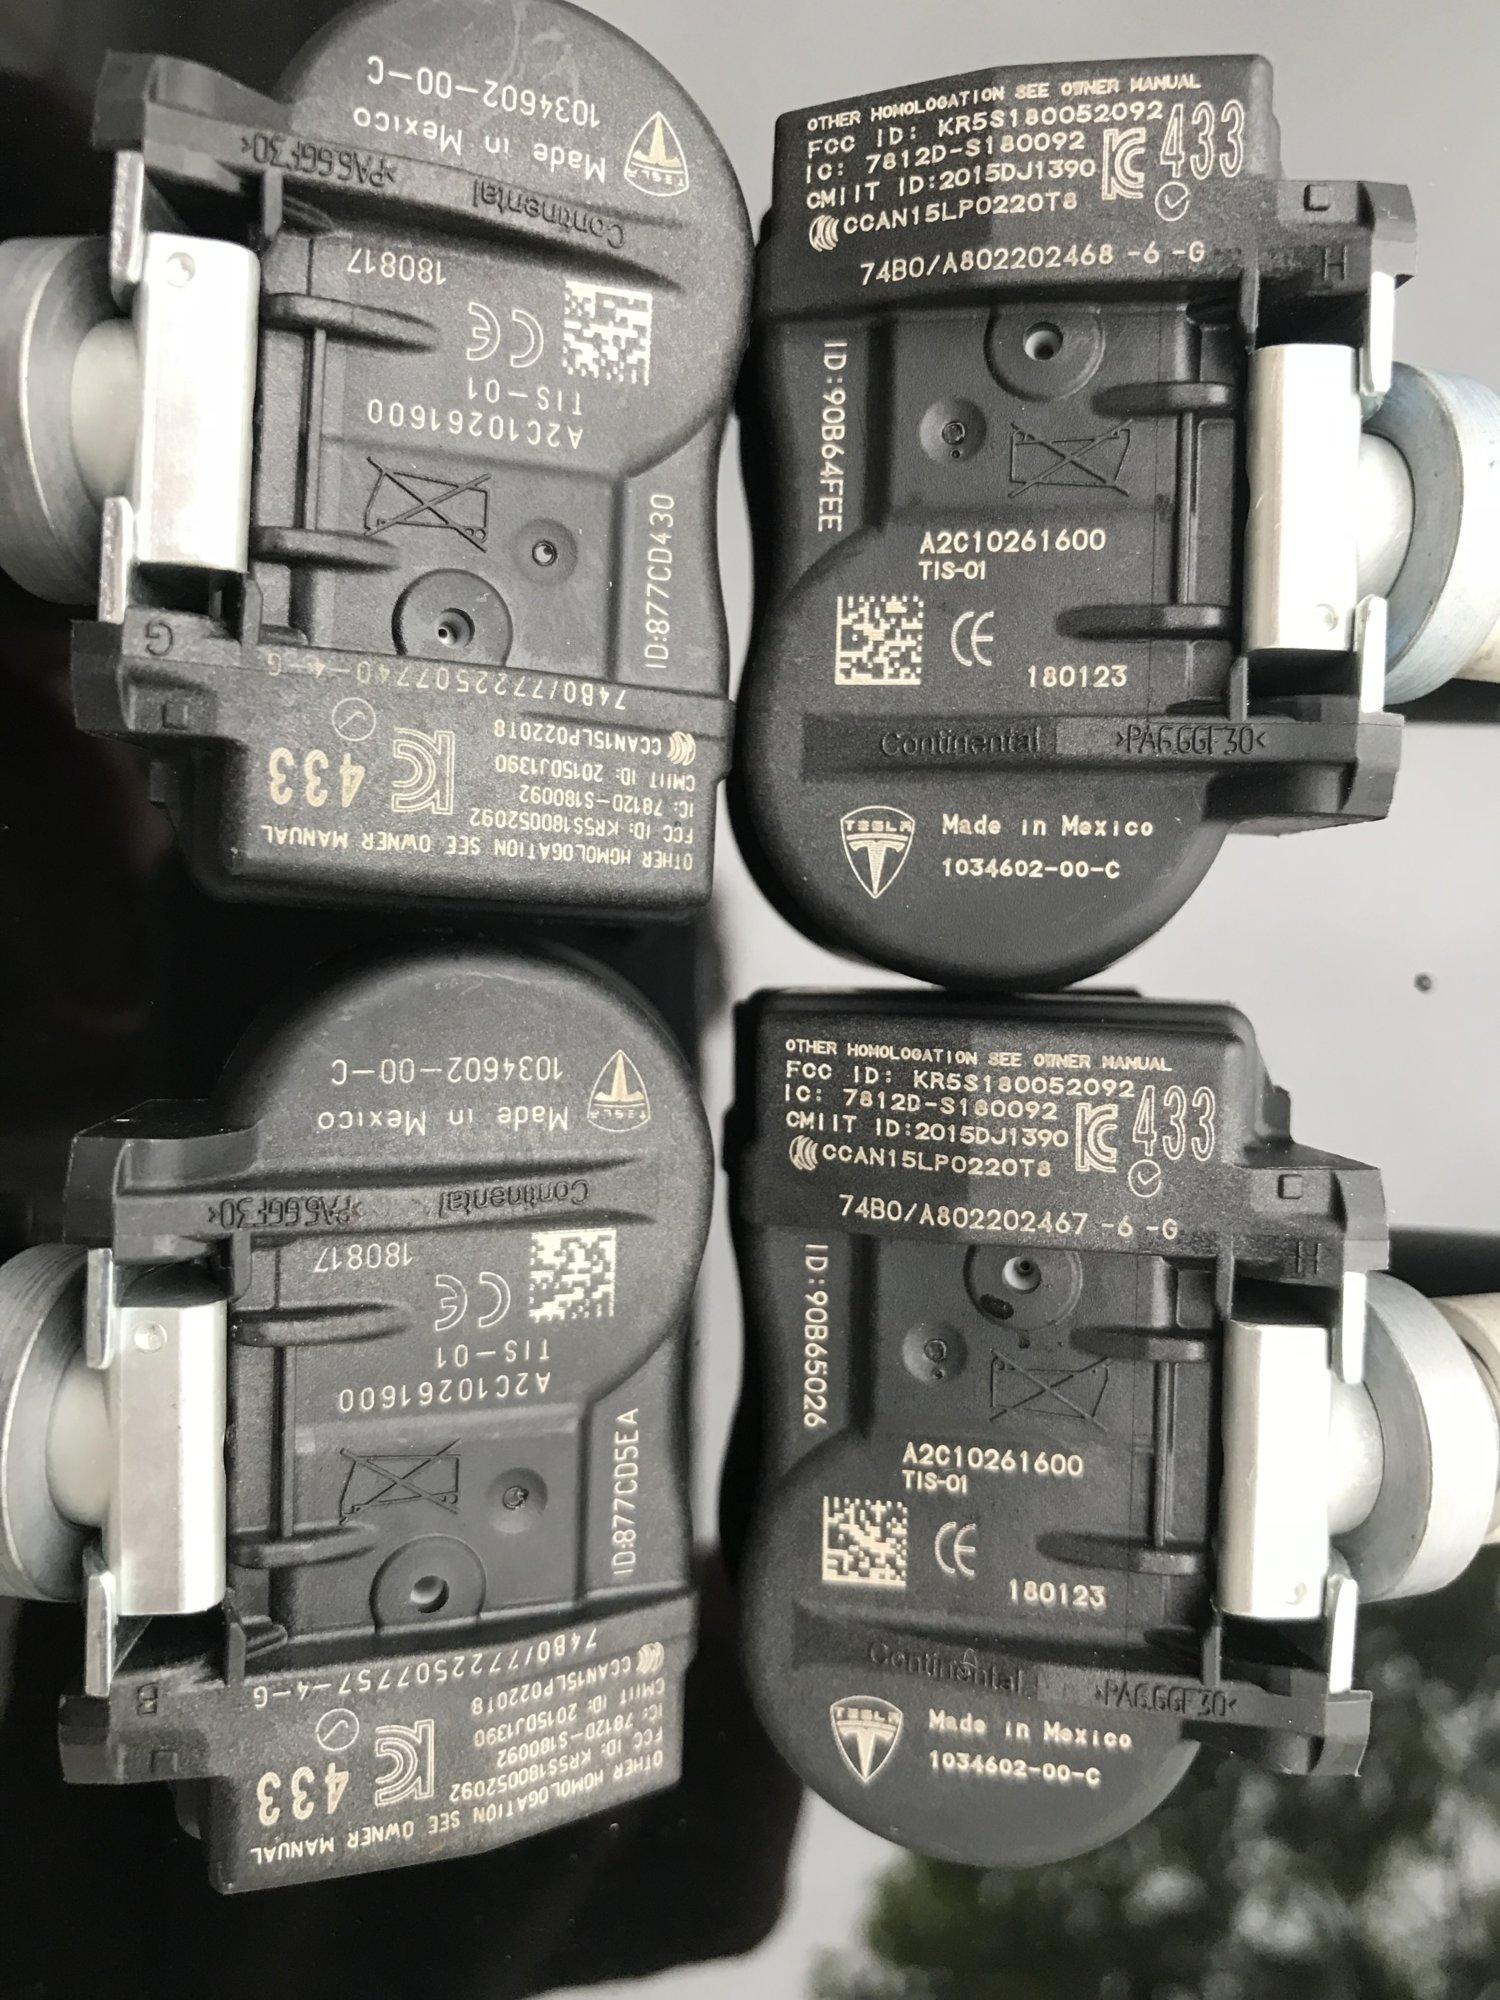 D8F97E09-4B5A-41A6-A38B-3D5C65E909D1.jpeg